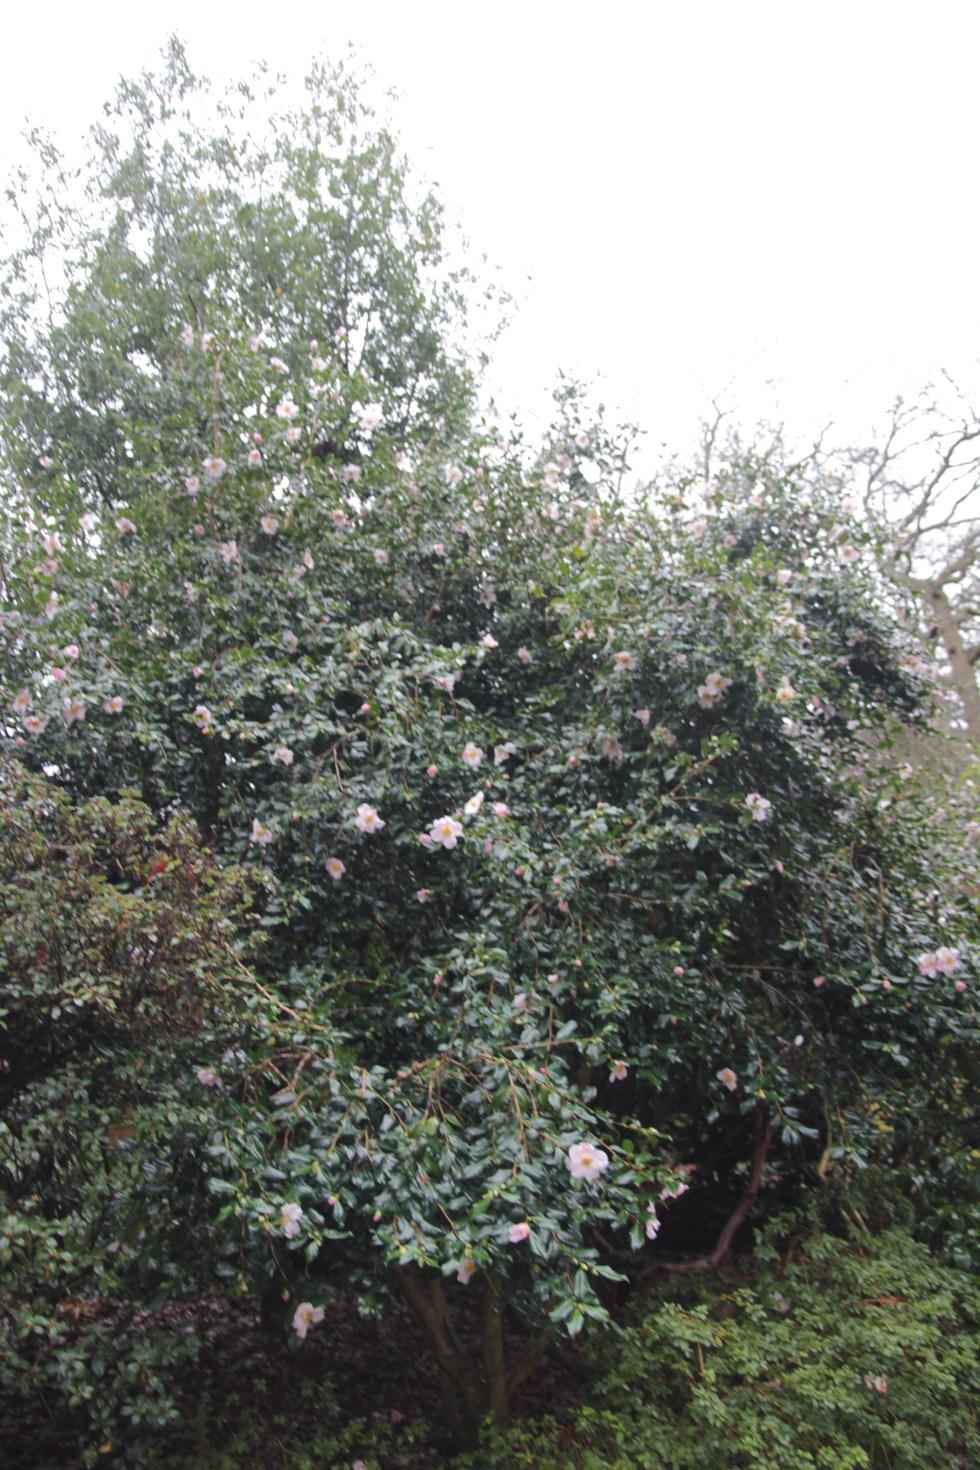 camellia x williamsii j c williams Plant of the week  Camellia x williamsii 'J C Williams'